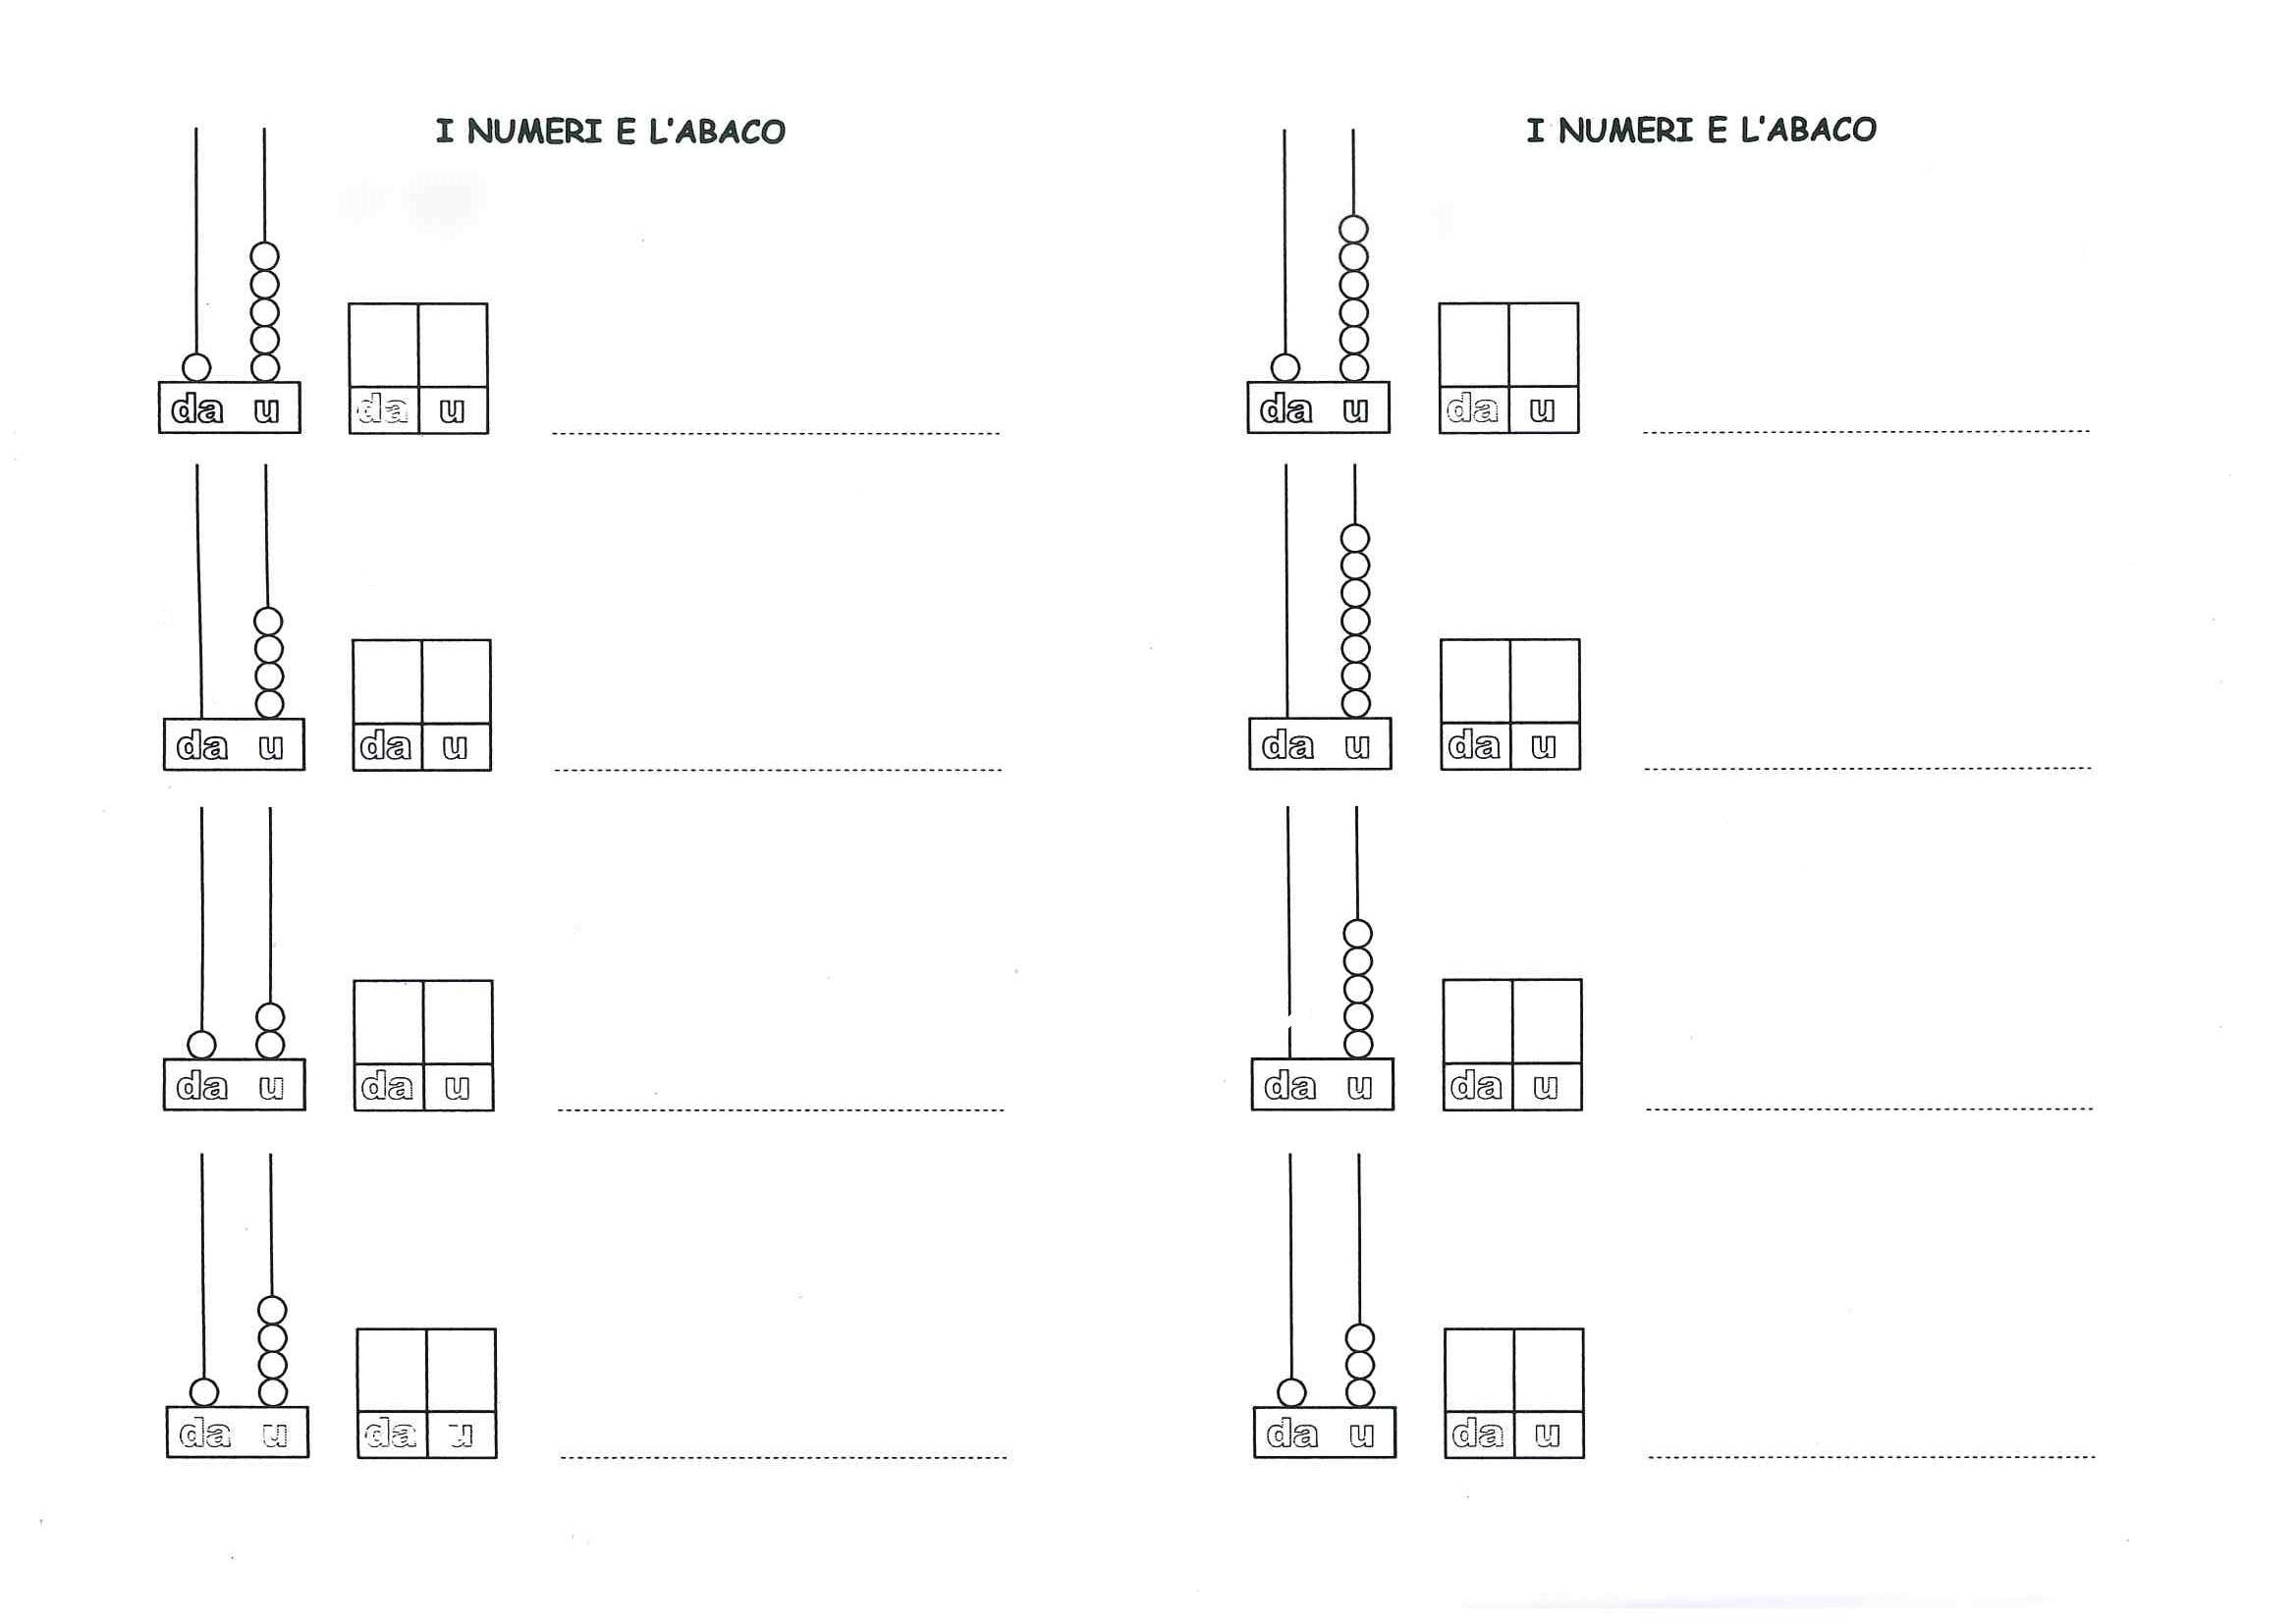 Exceptionnel Prima classe - MATEMATICA | MAESTRA MG MAESTRA MG QZ78